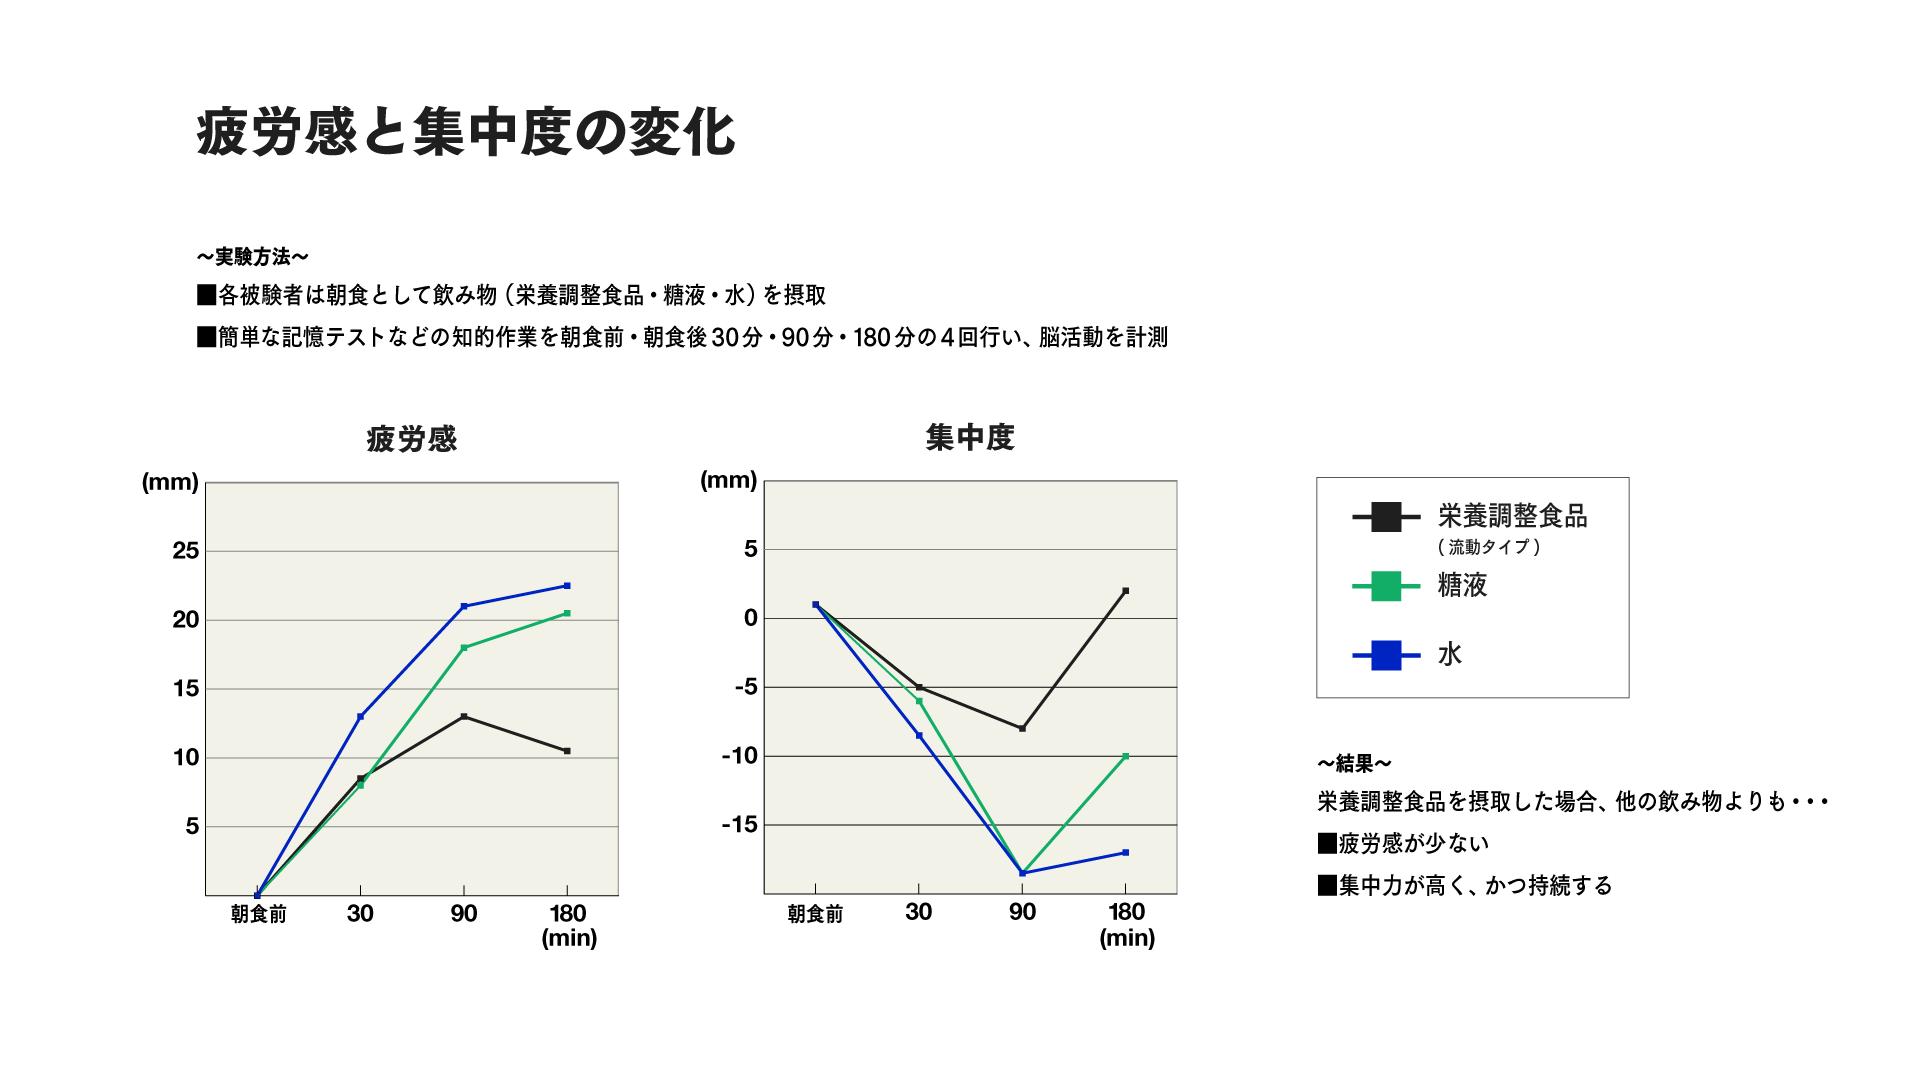 脳と糖分の関係_疲労感と集中度の変化グラフ.png